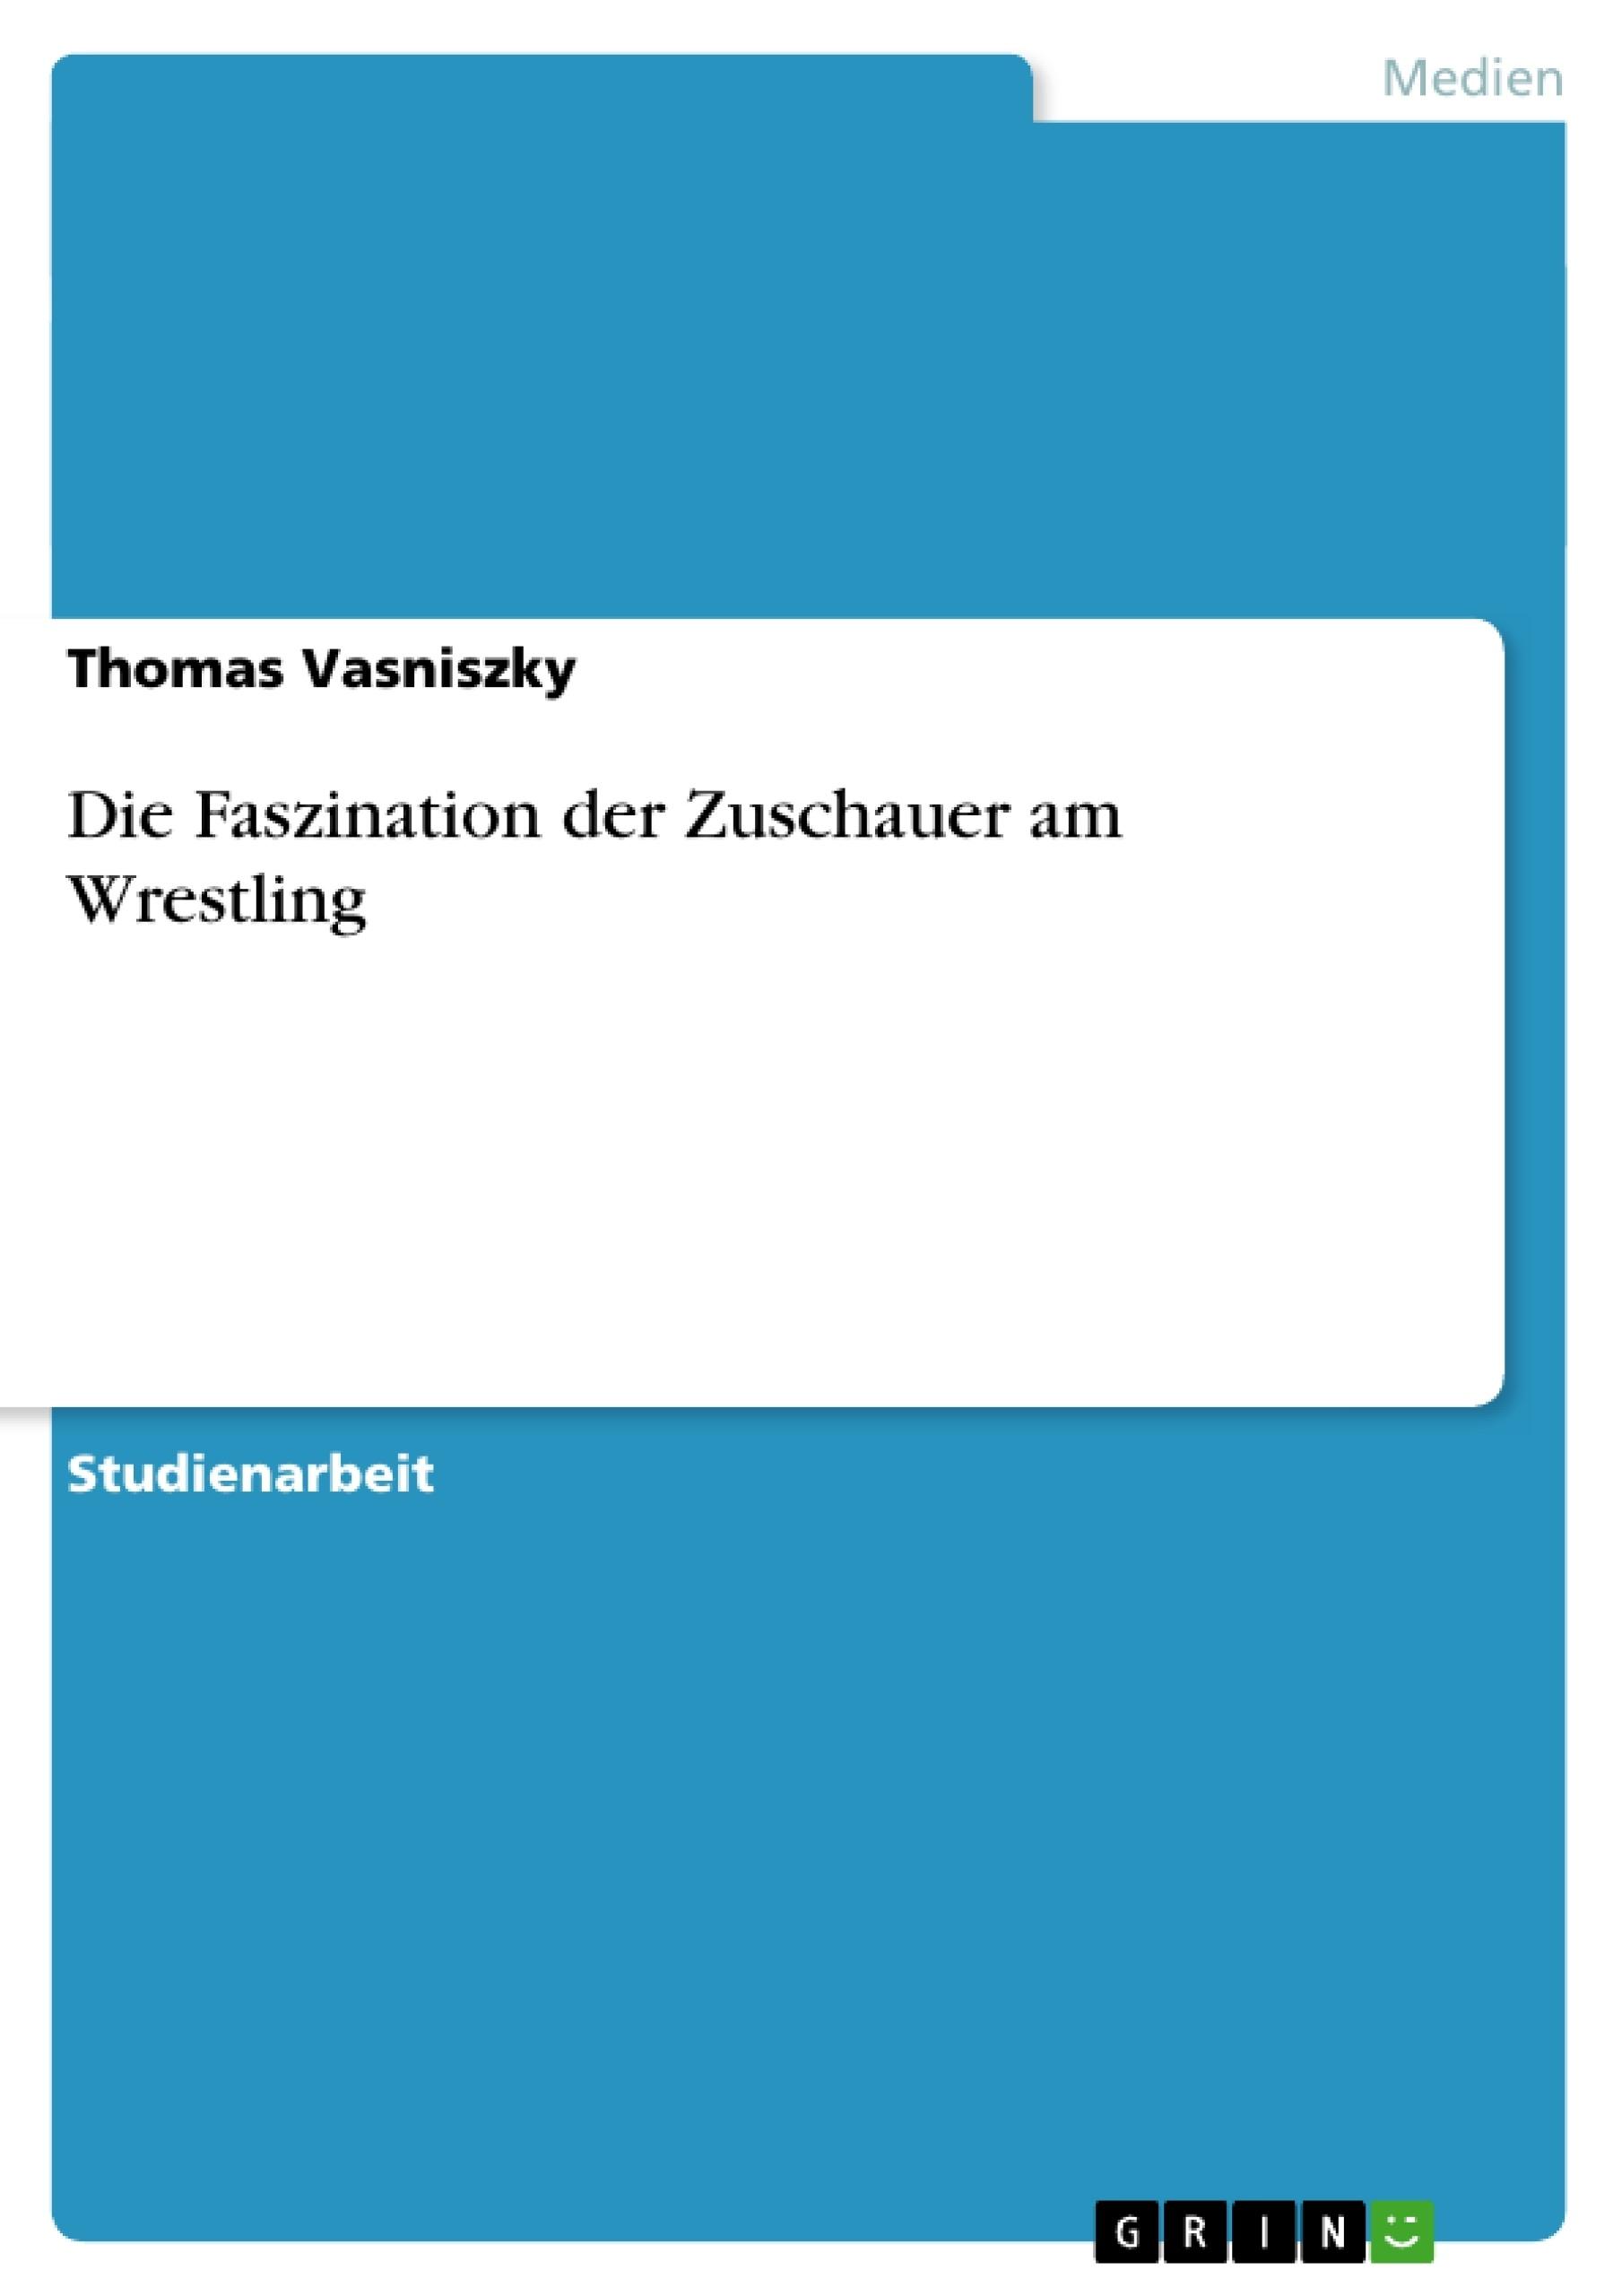 Titel: Die Faszination der Zuschauer am Wrestling